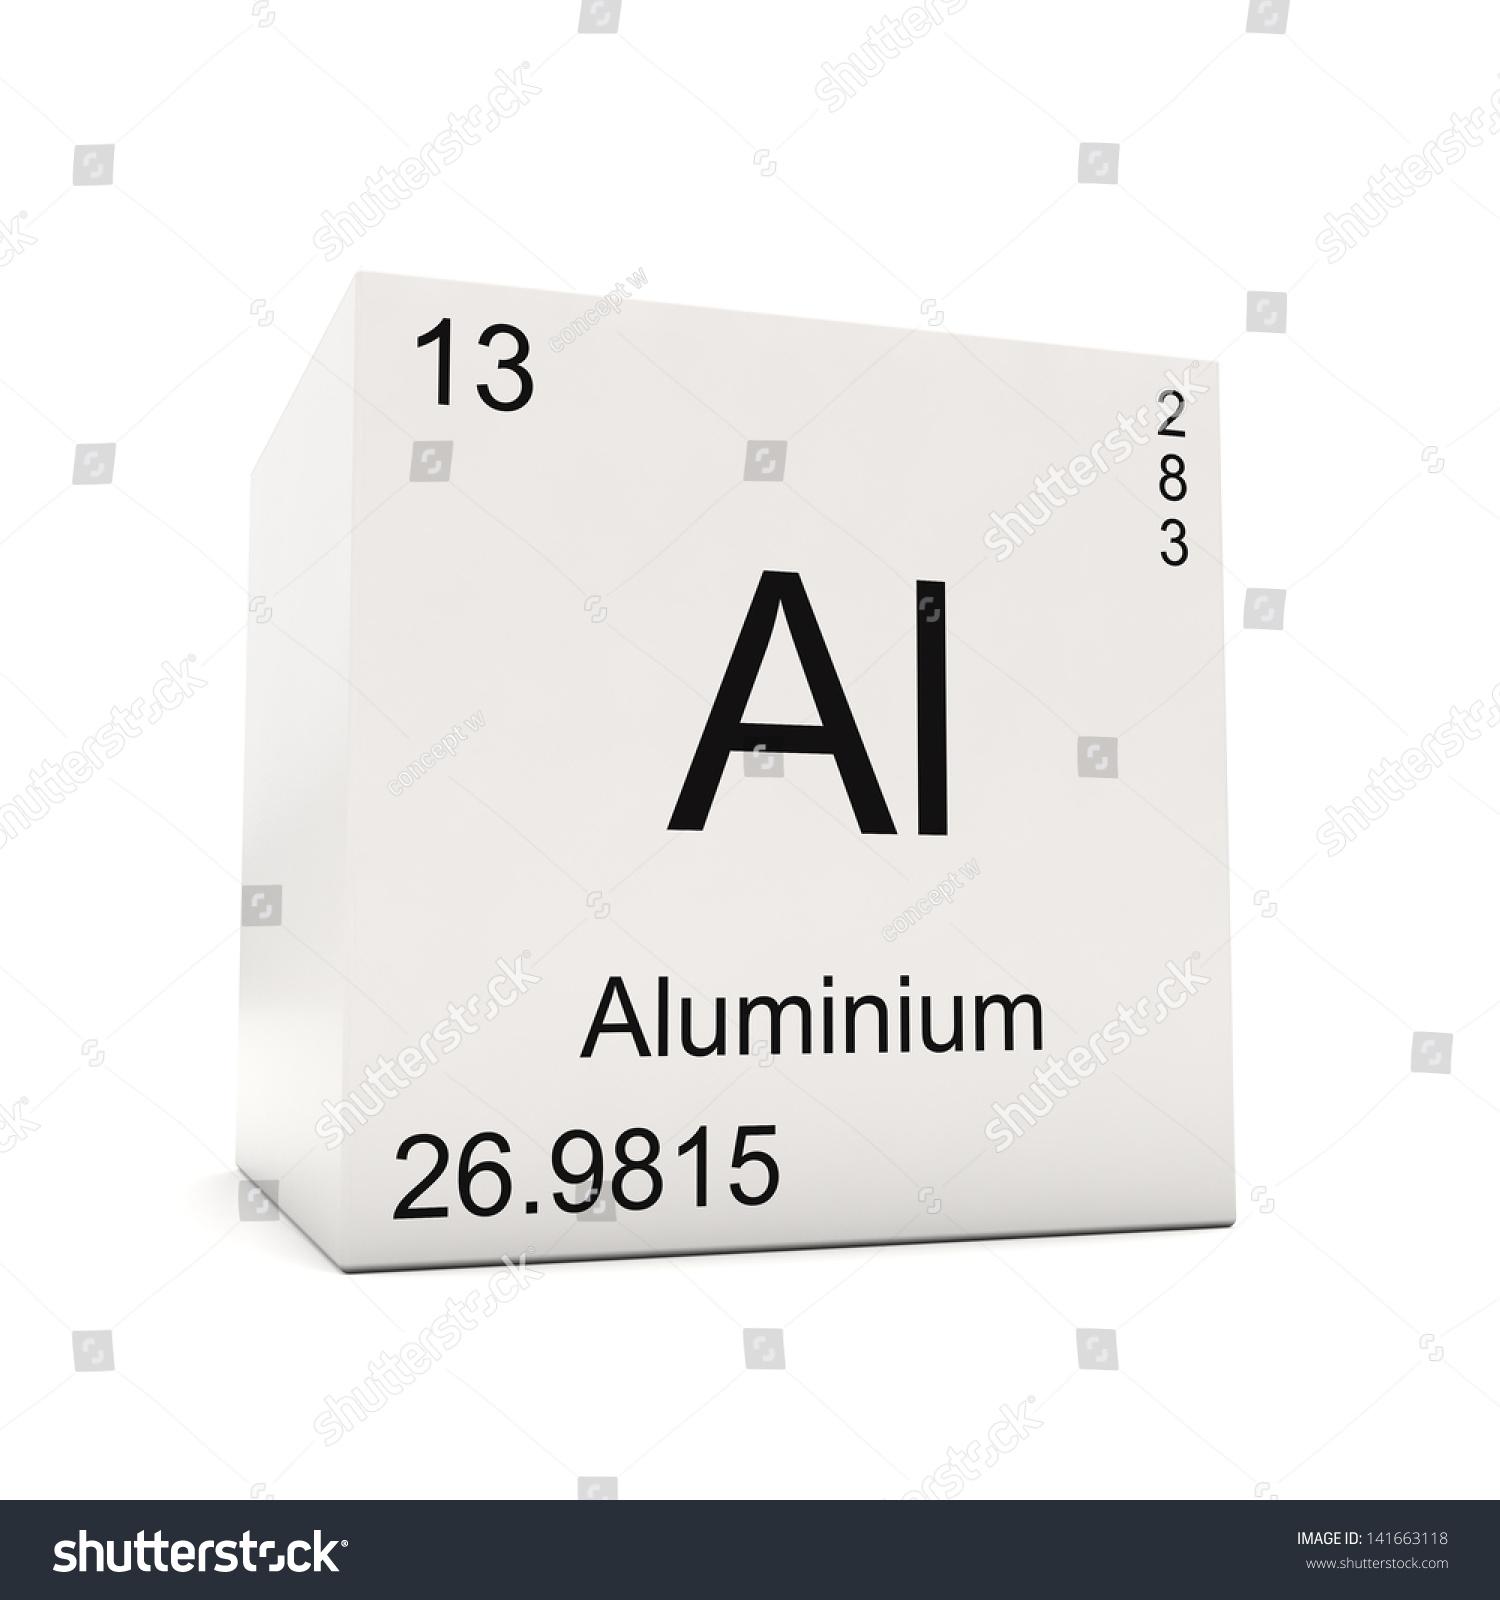 Aluminium periodic table gallery periodic table images cube aluminium element periodic table isolated stock illustration cube of aluminium element of the periodic table gamestrikefo Image collections